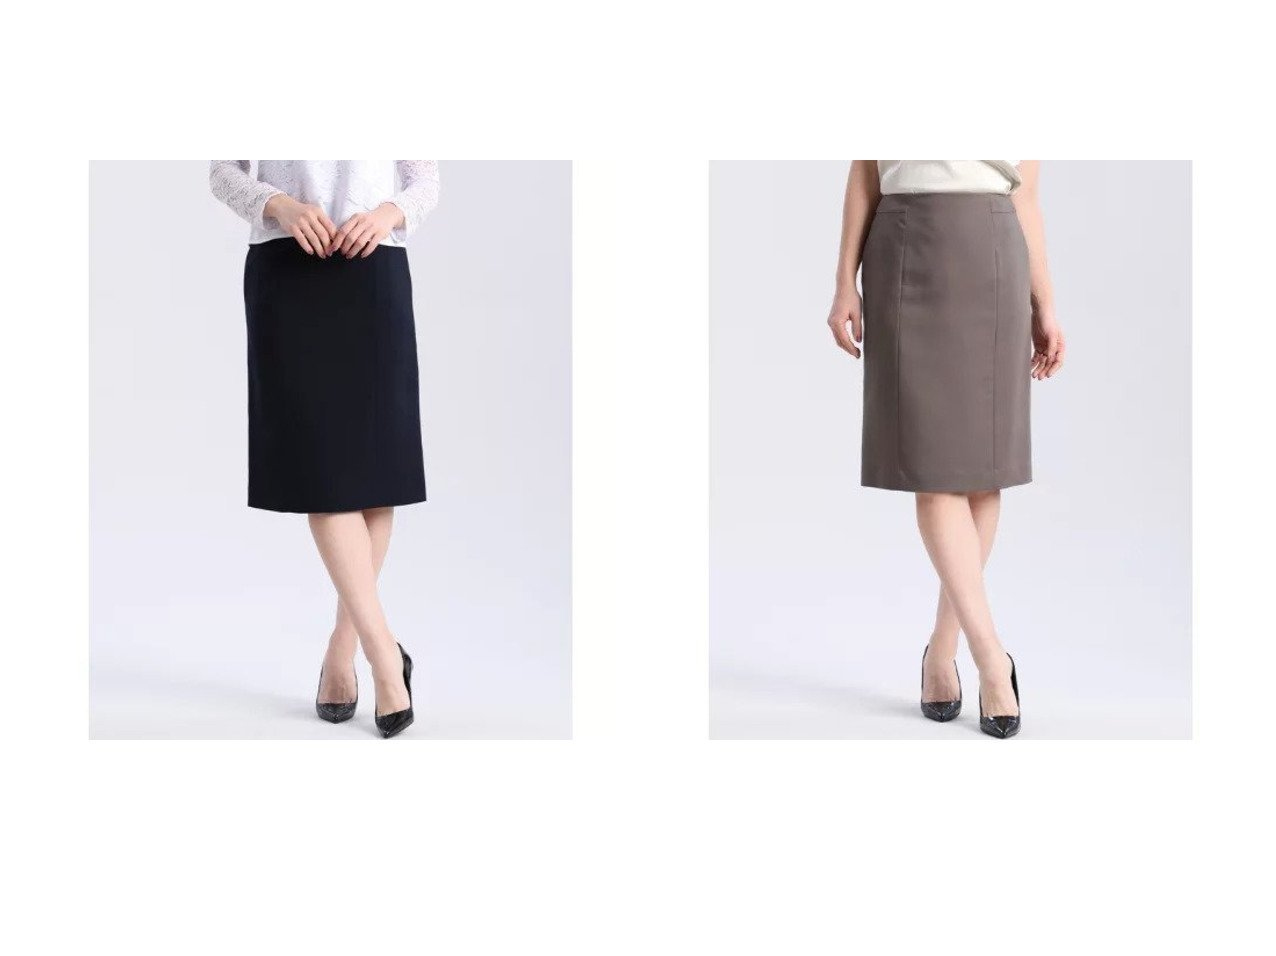 【CLEAR IMPRESSION/クリアインプレッション】の《洗えるセットアップ》ナノテックスタイトスカート&《洗えるセットアップ》リヨセルシャンブレータイトスカート クリア インプレッションのおすすめ!人気、トレンド・レディースファッションの通販  おすすめで人気の流行・トレンド、ファッションの通販商品 メンズファッション・キッズファッション・インテリア・家具・レディースファッション・服の通販 founy(ファニー) https://founy.com/ ファッション Fashion レディースファッション WOMEN セットアップ Setup スカート Skirt ジャケット セットアップ タイトスカート 定番 Standard 洗える |ID:crp329100000021073